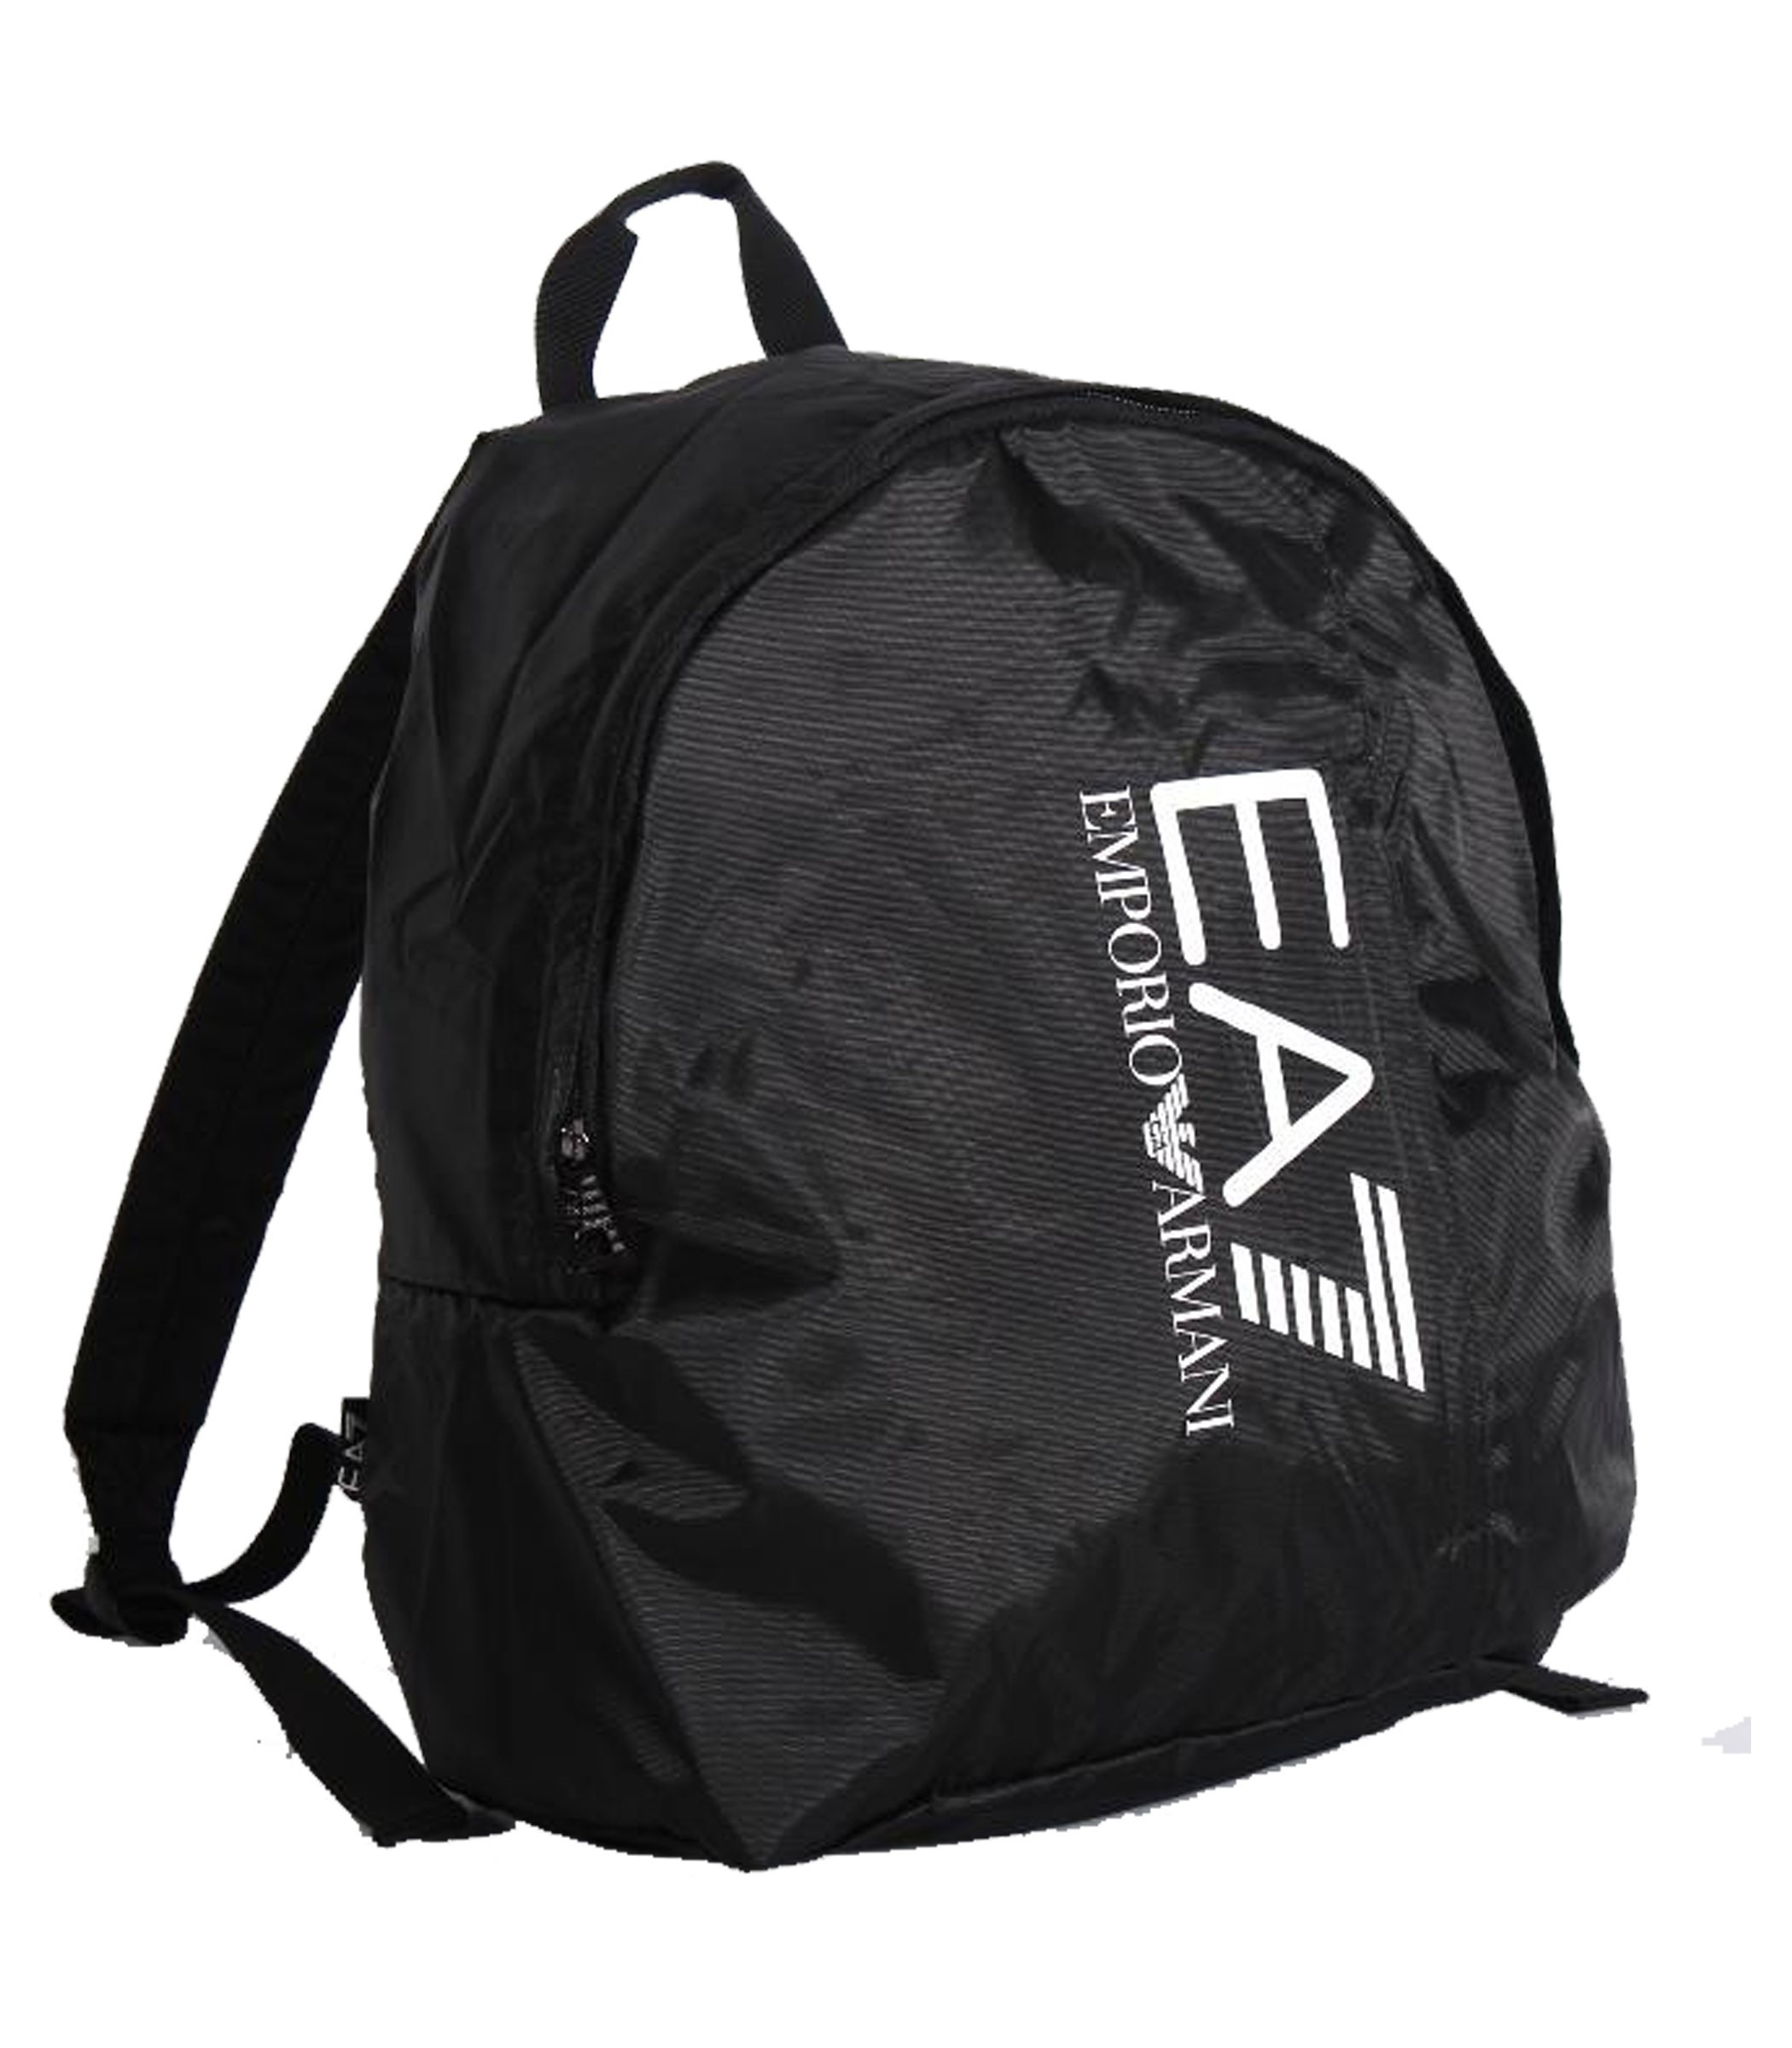 51bc9b5c33 Zaino Emporio Armani EA7 con logo nero unisex rif. 275667 CC733 00020